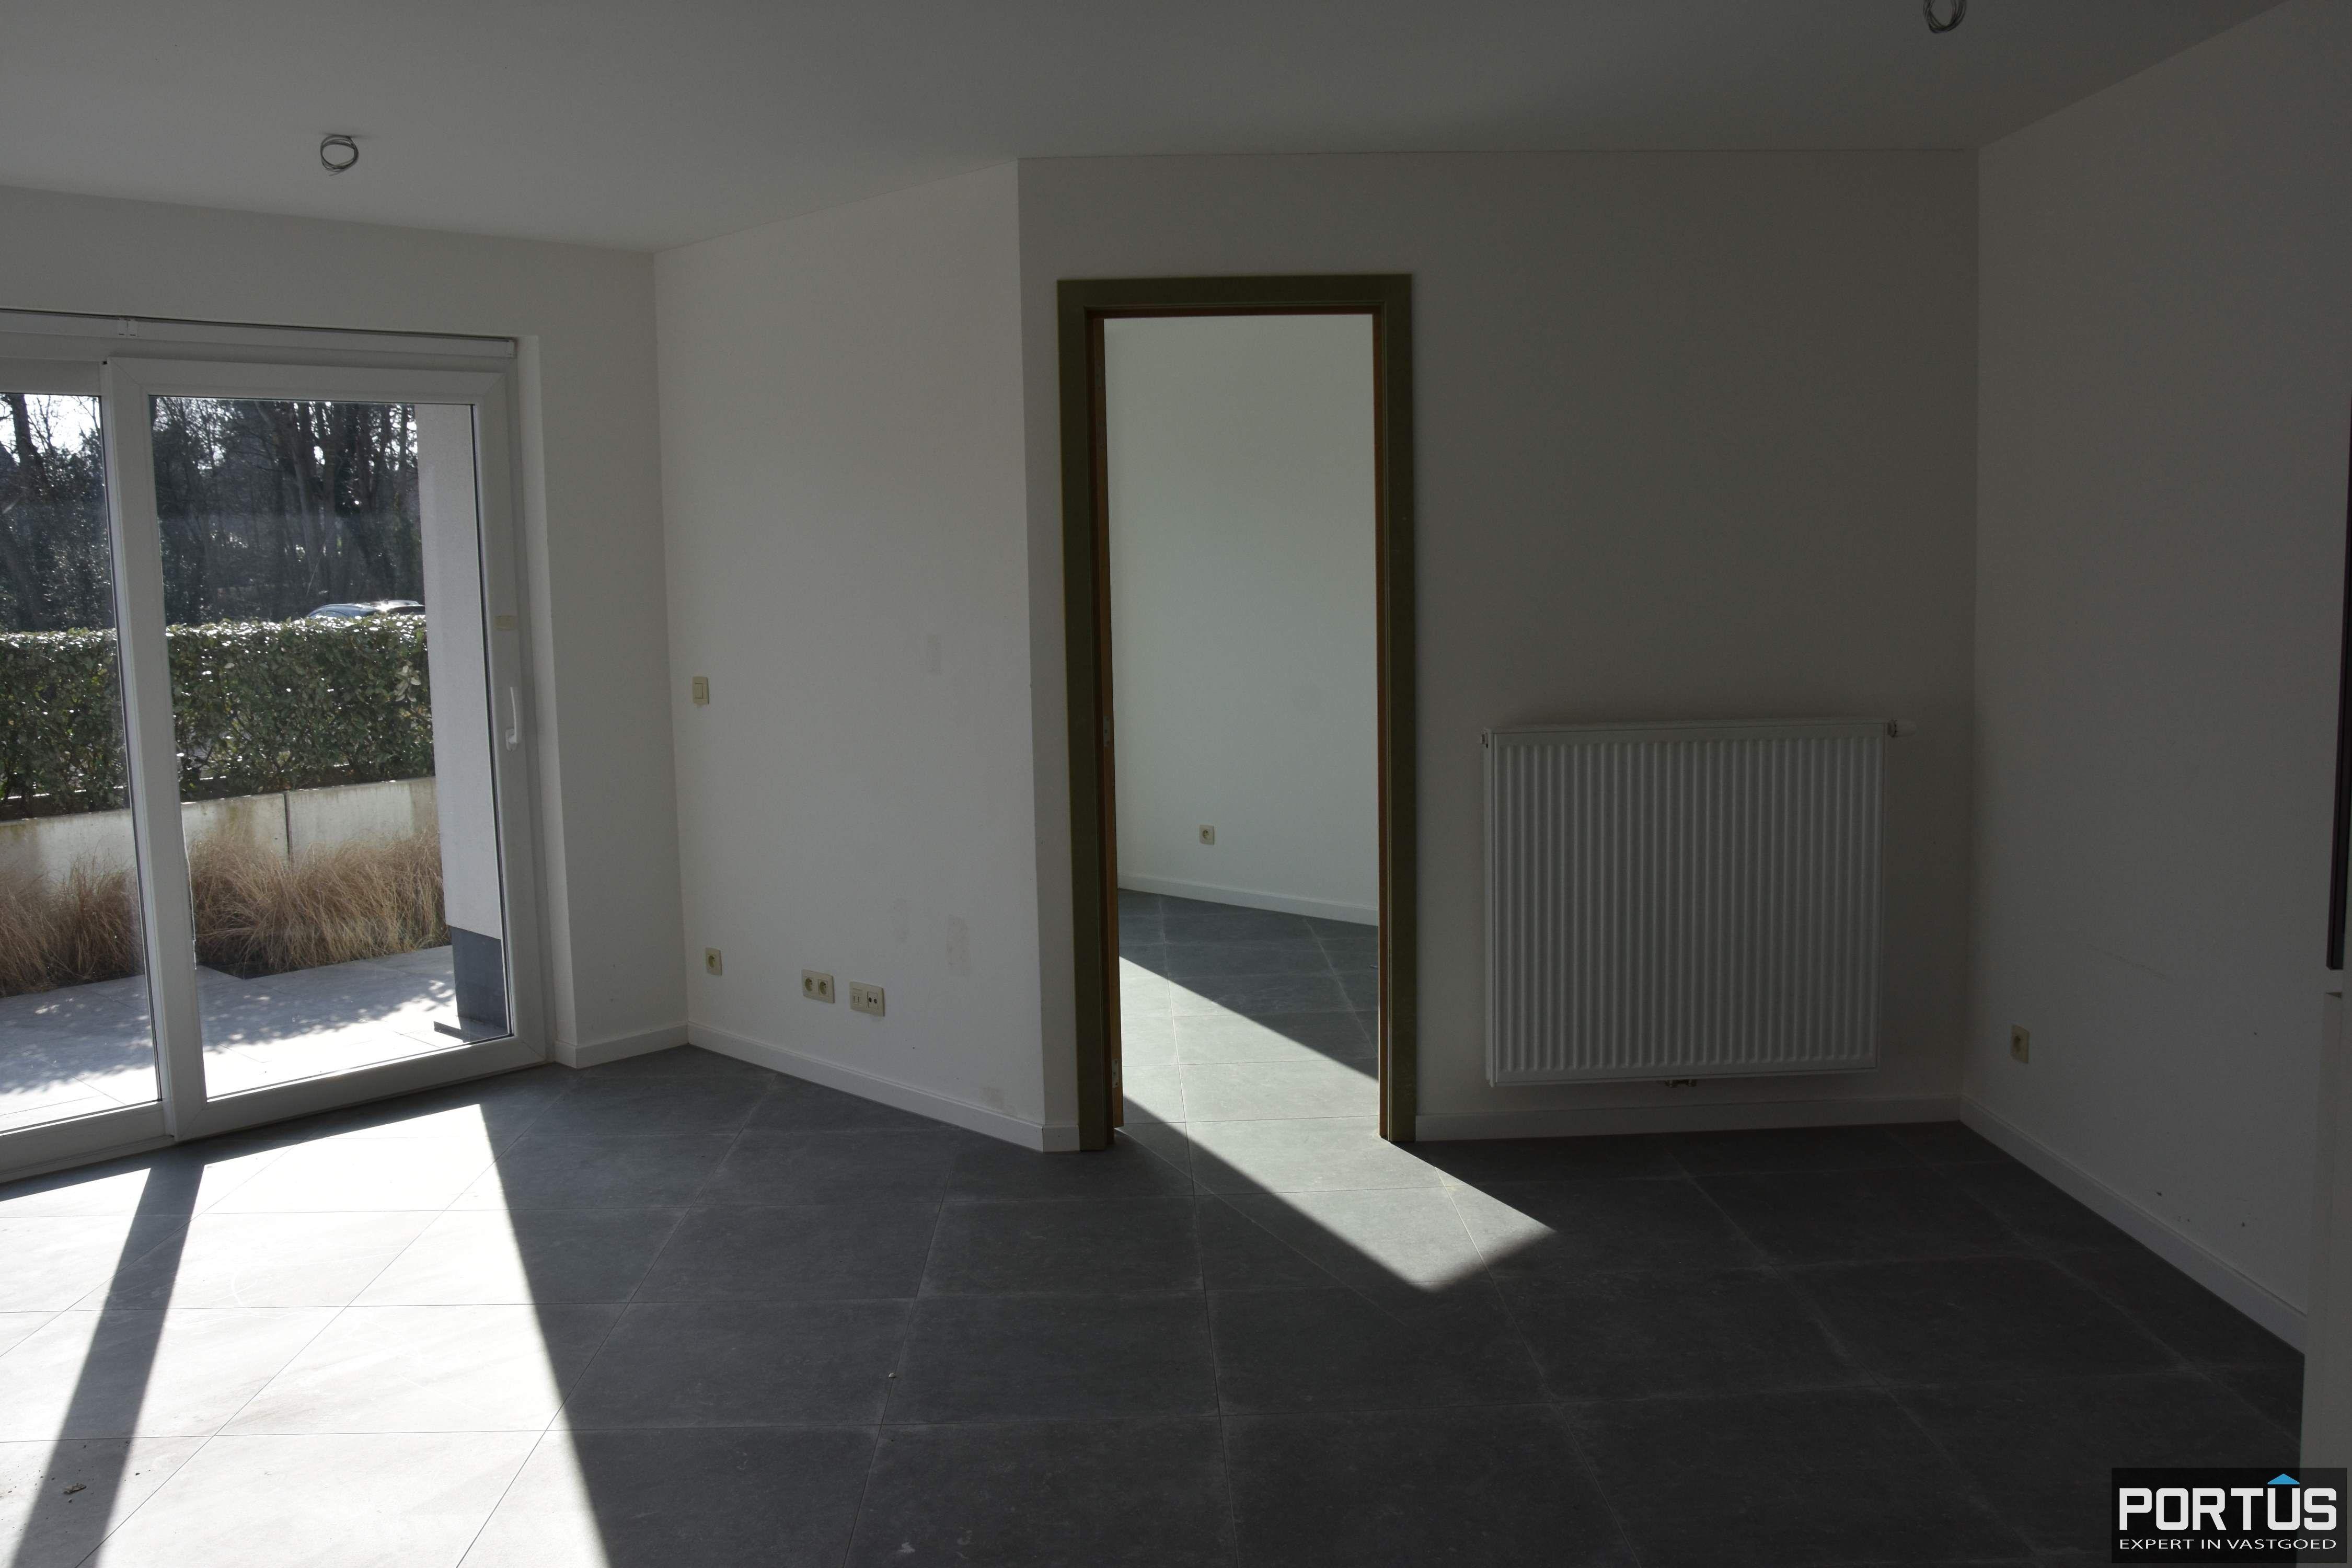 Appartement Residentie Villa Crombez Nieuwpoort - 9267